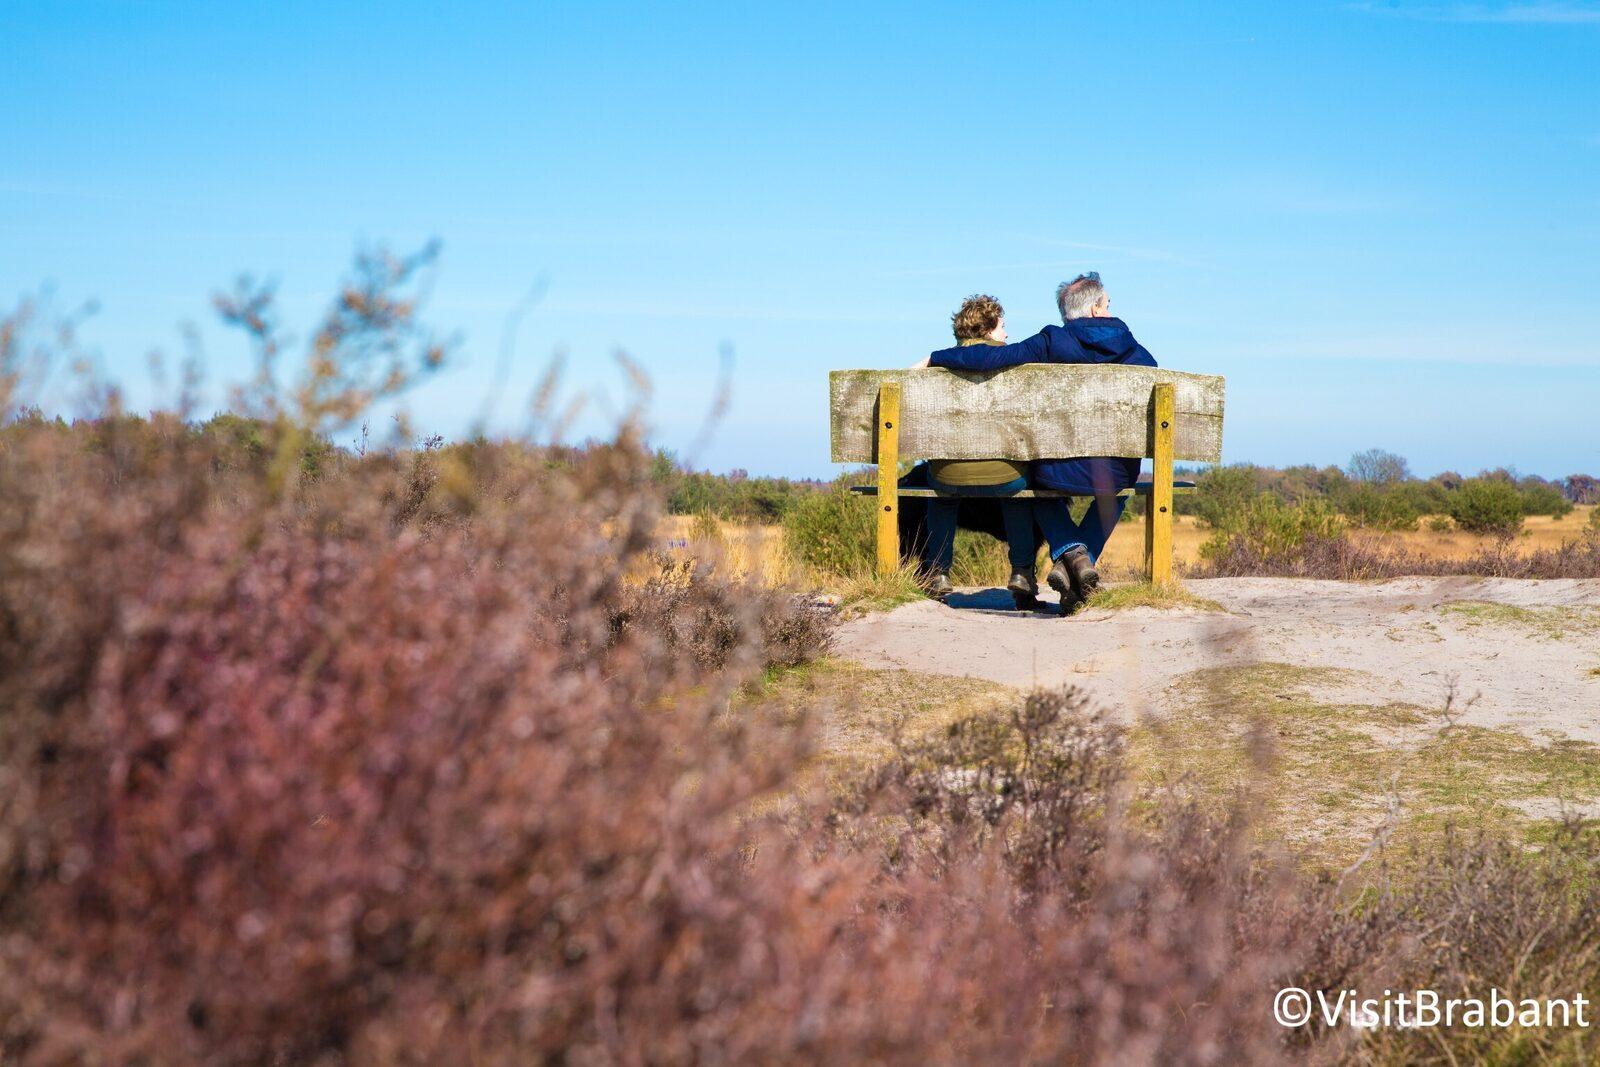 5x de leukste routes in de Brabantse natuur